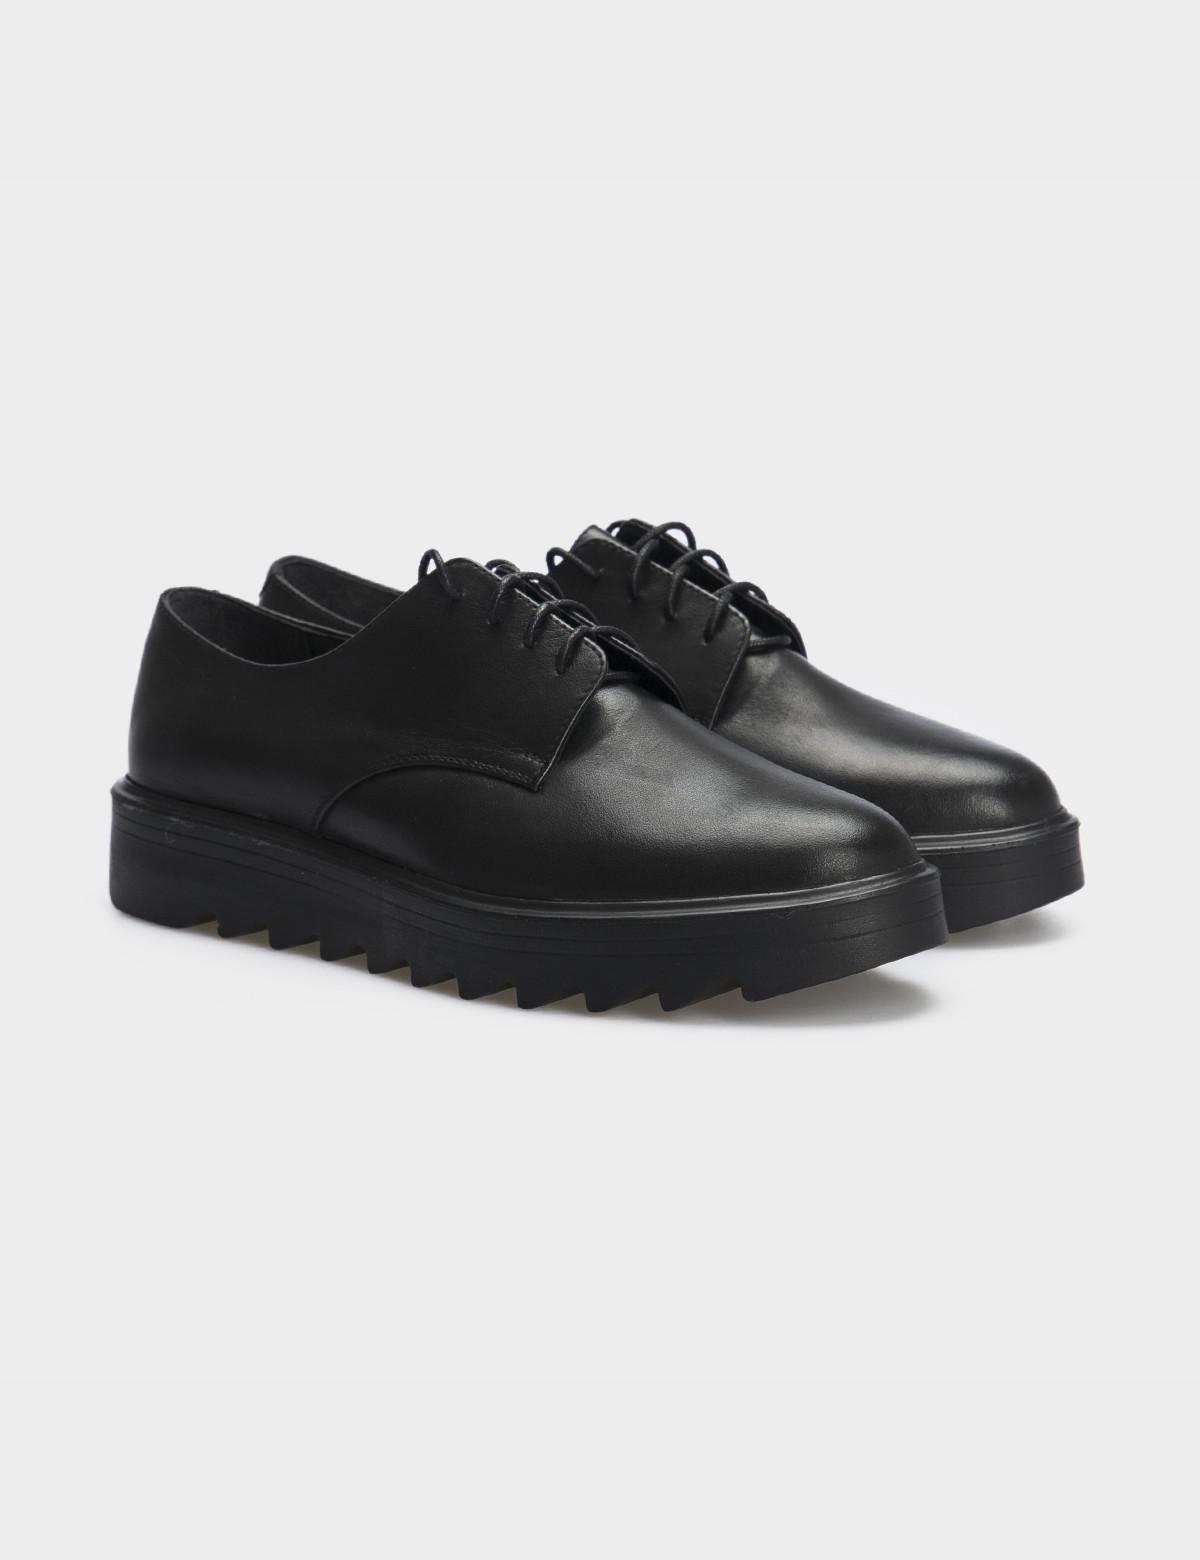 Туфли черные, натуральная кожа1